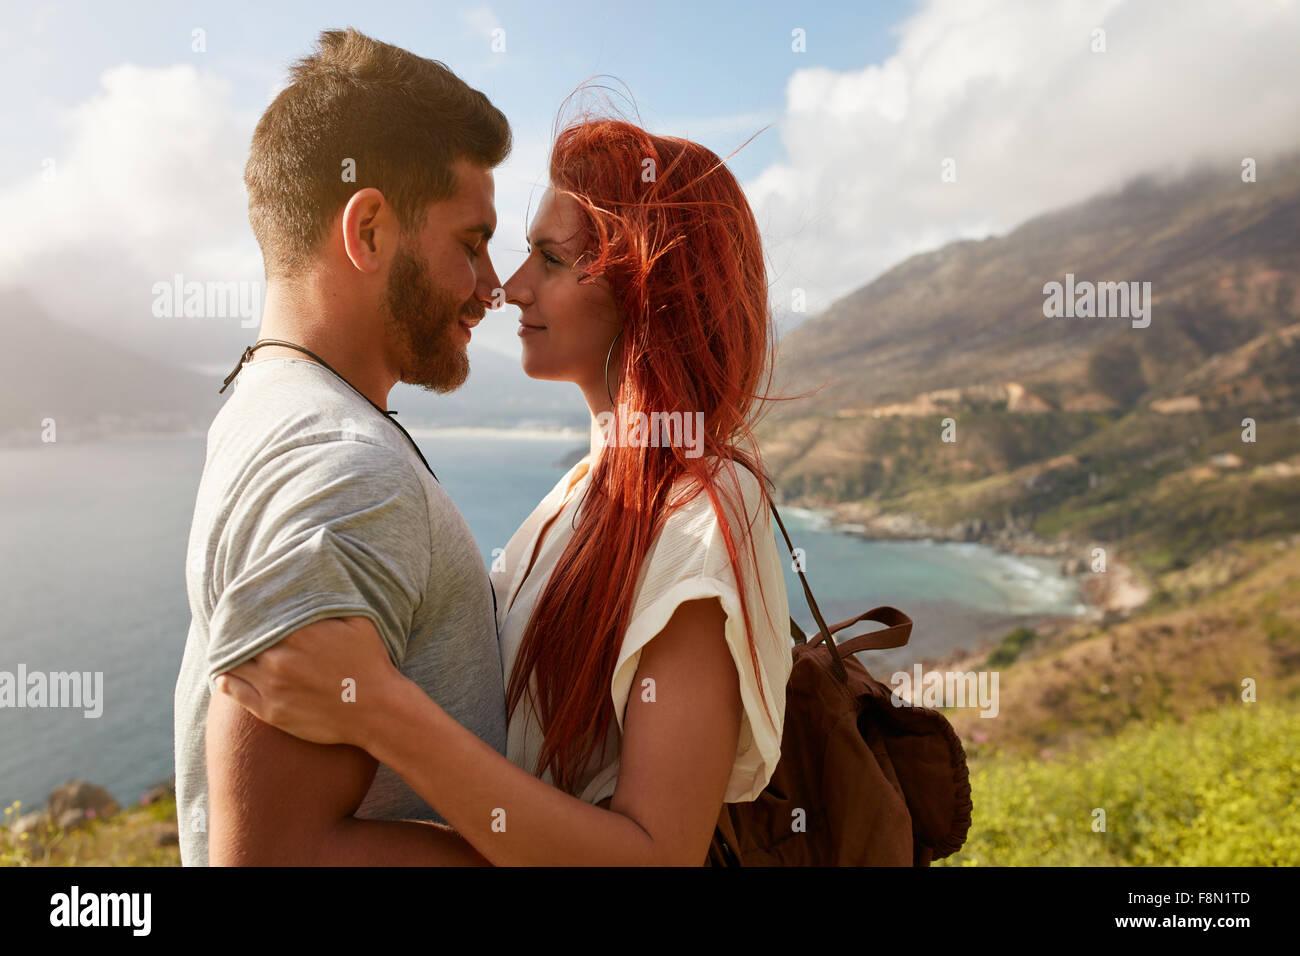 Ritratto di giovane uomo e donna in piedi faccia a faccia. Affettuosa coppia giovane godendo il loro amore in natura Immagini Stock